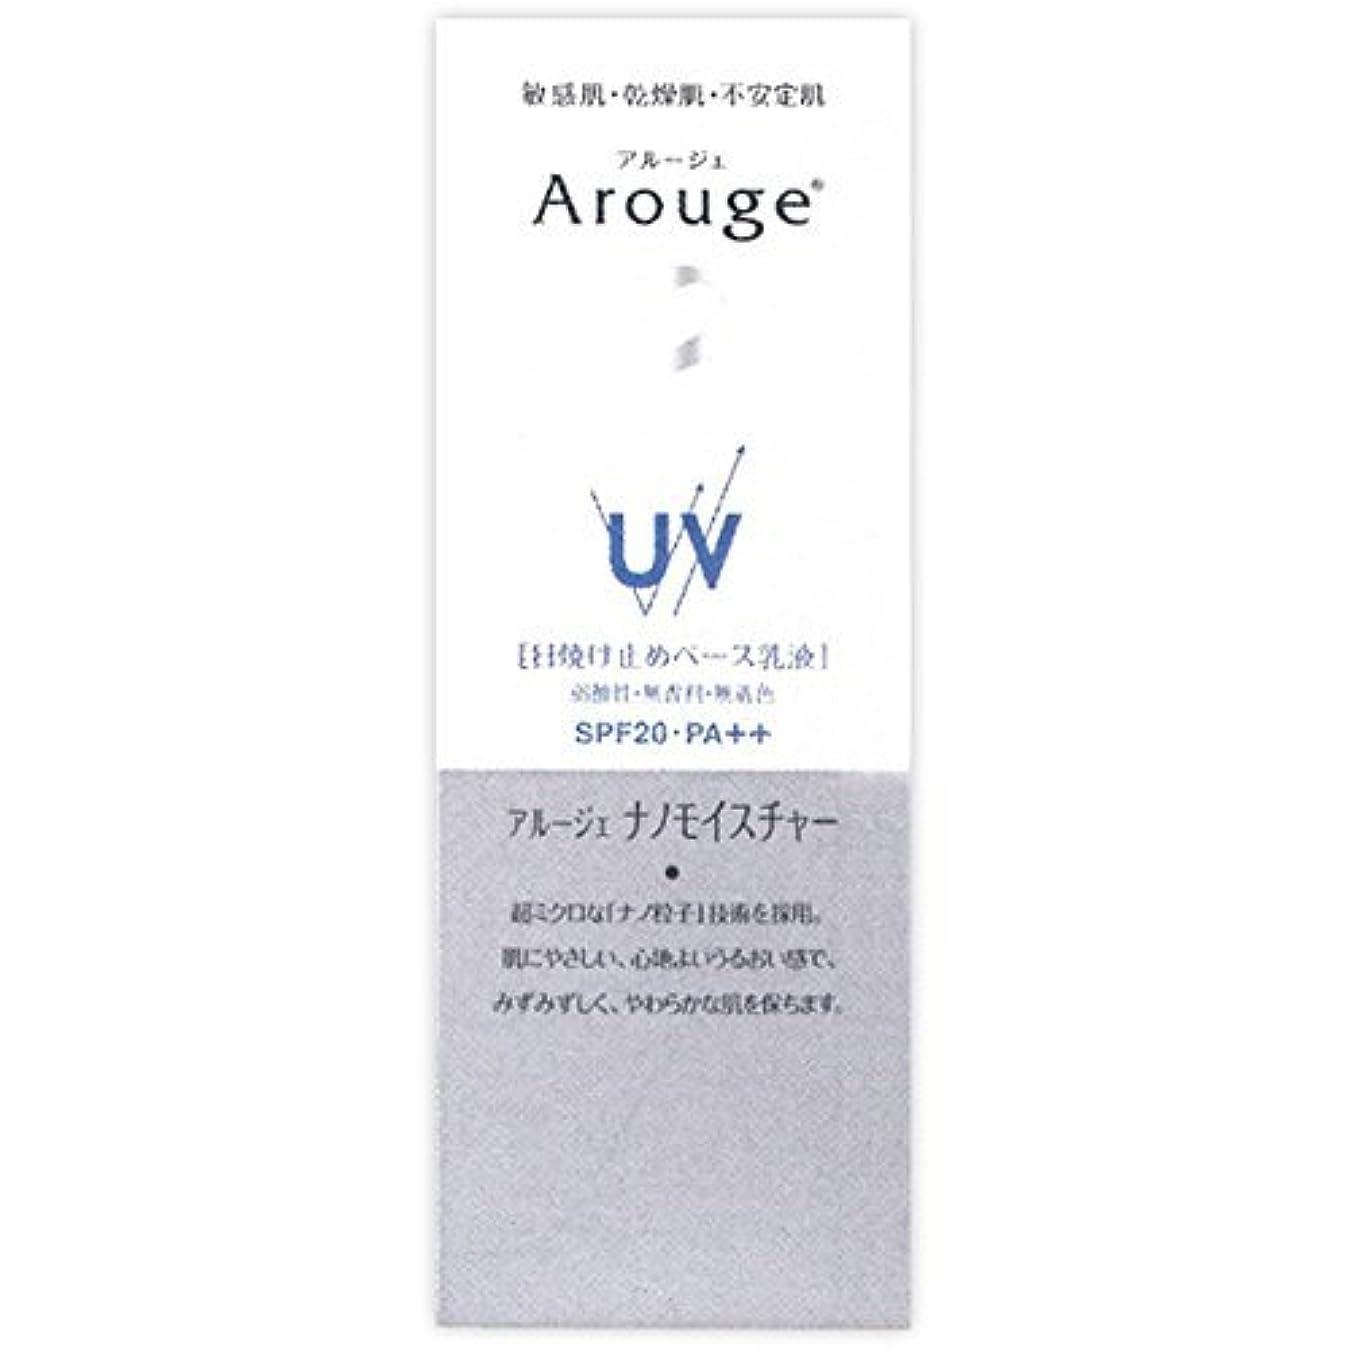 つまずく累計海藻アルージェ UV モイストビューティーアップ日焼け止めベース乳液25g (SPF20?PA++)